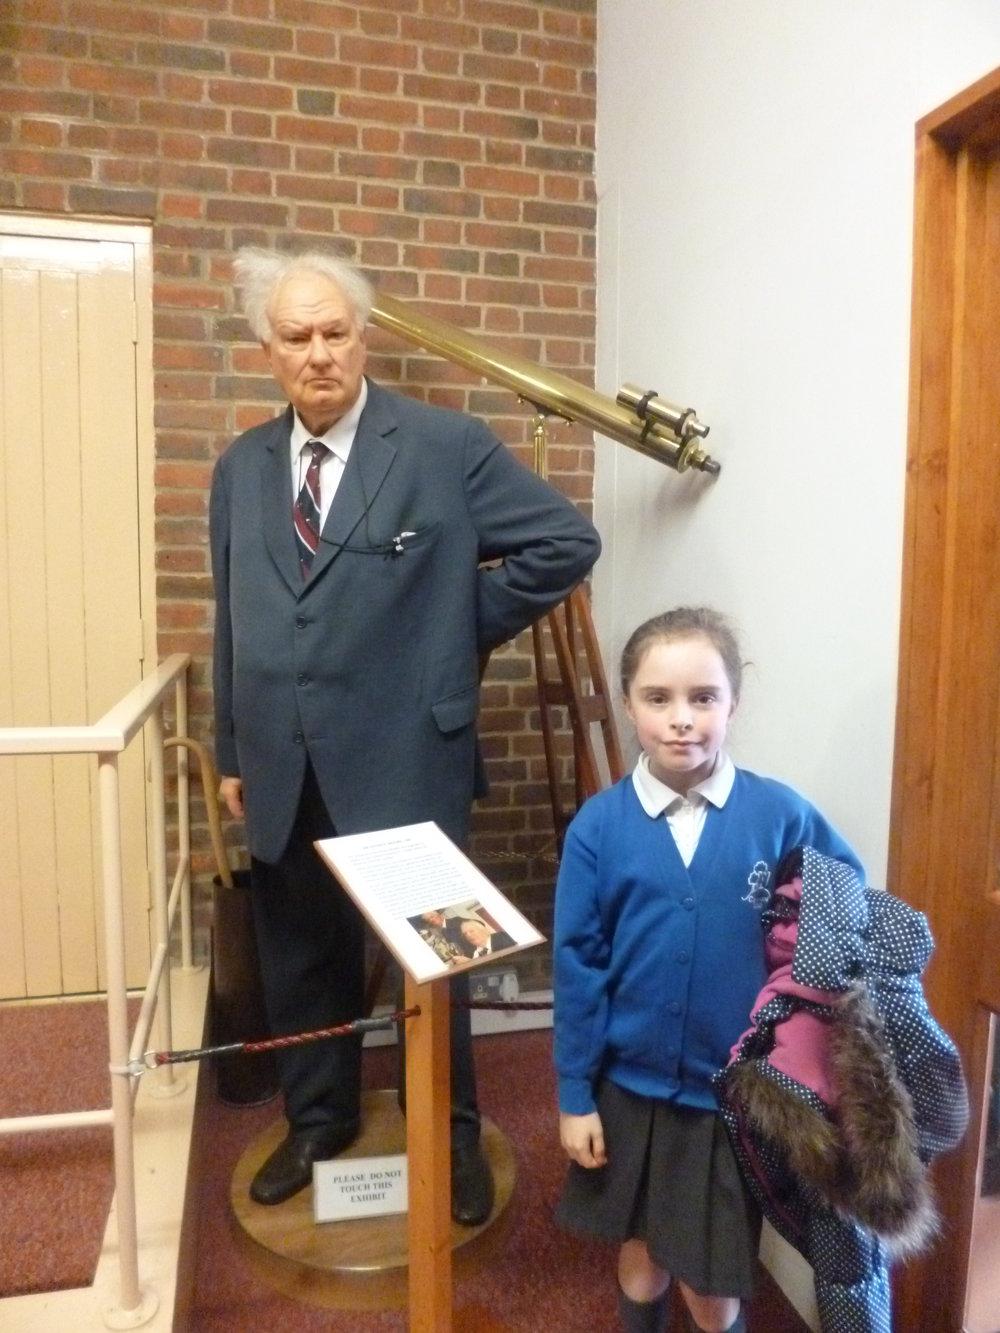 Meeting Sir Patrick Moore